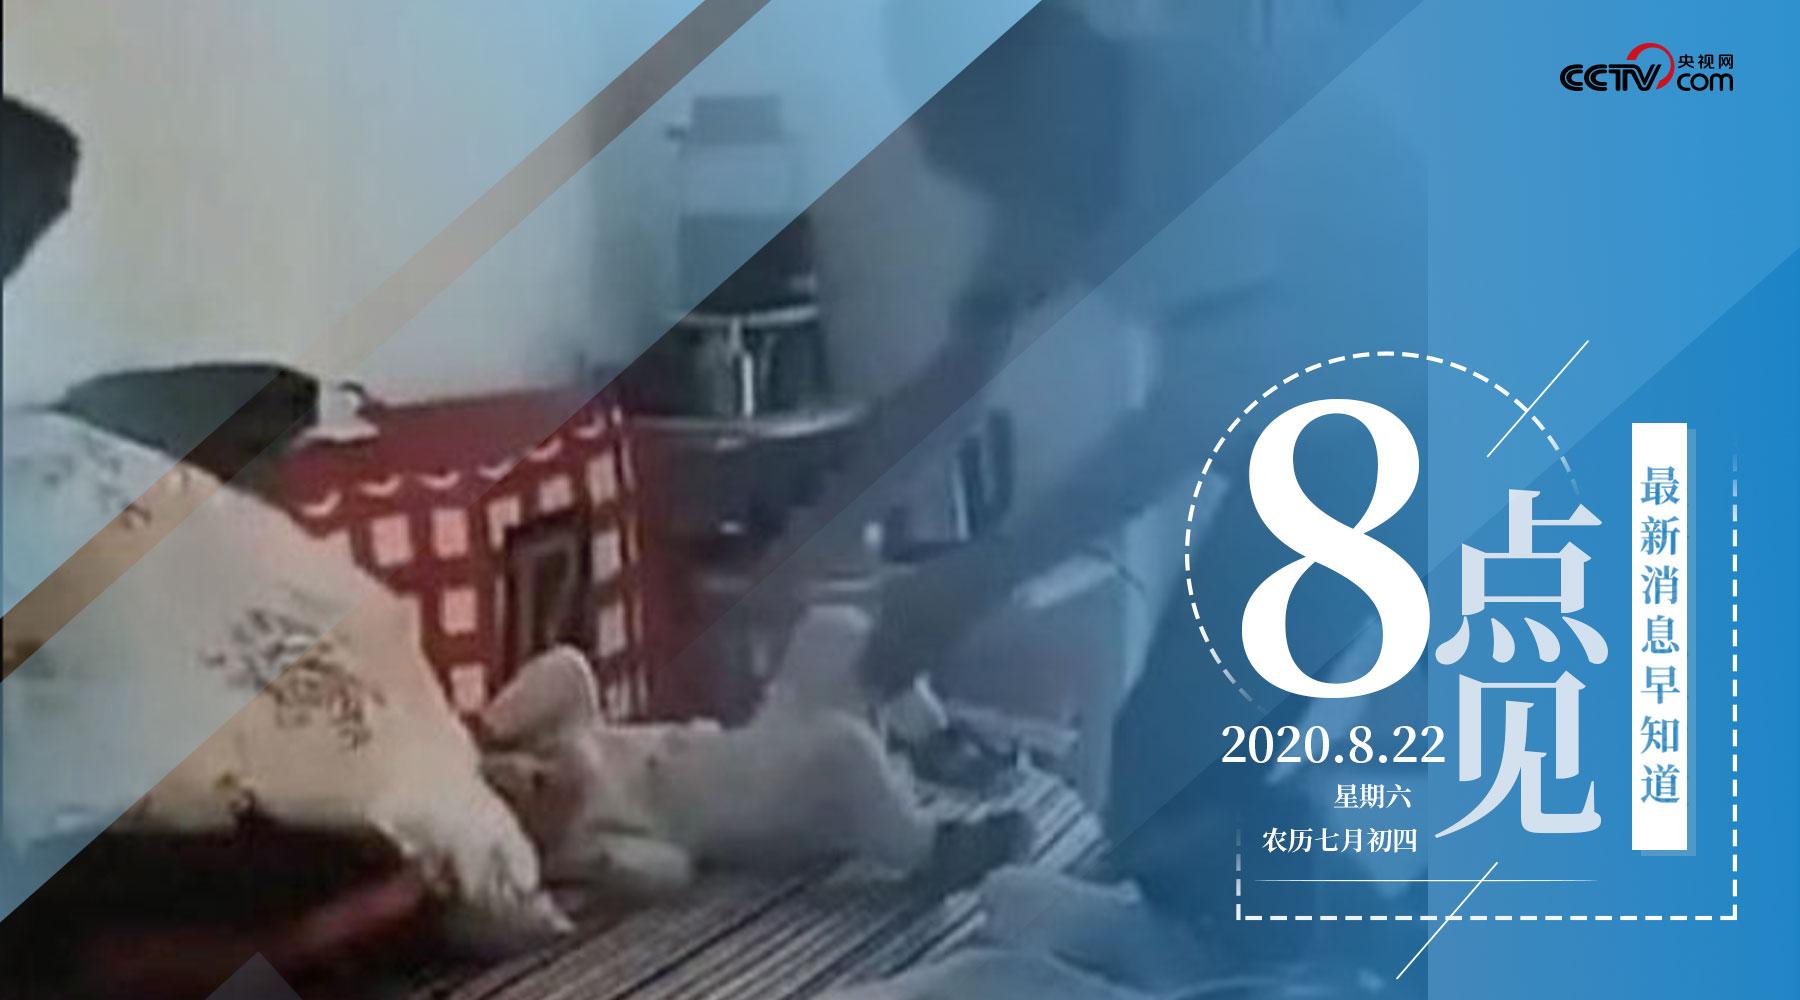 """【8点见】""""陕西醉酒男子抱摔幼童"""" 视频拍摄者身份确认"""